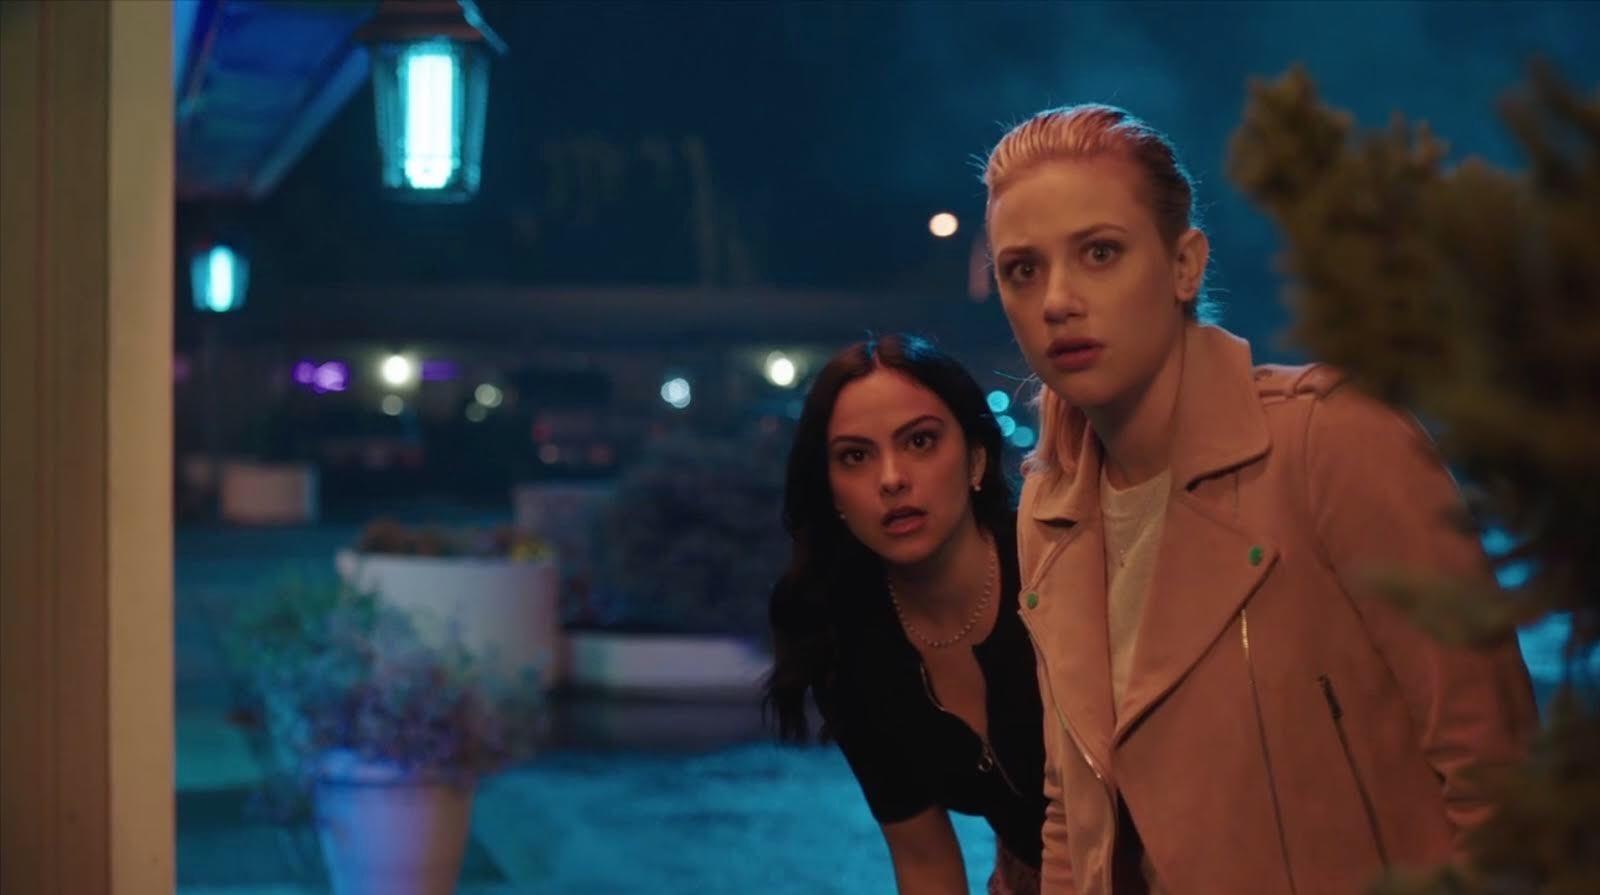 Riverdale Fashion: Season 2 Episode 7